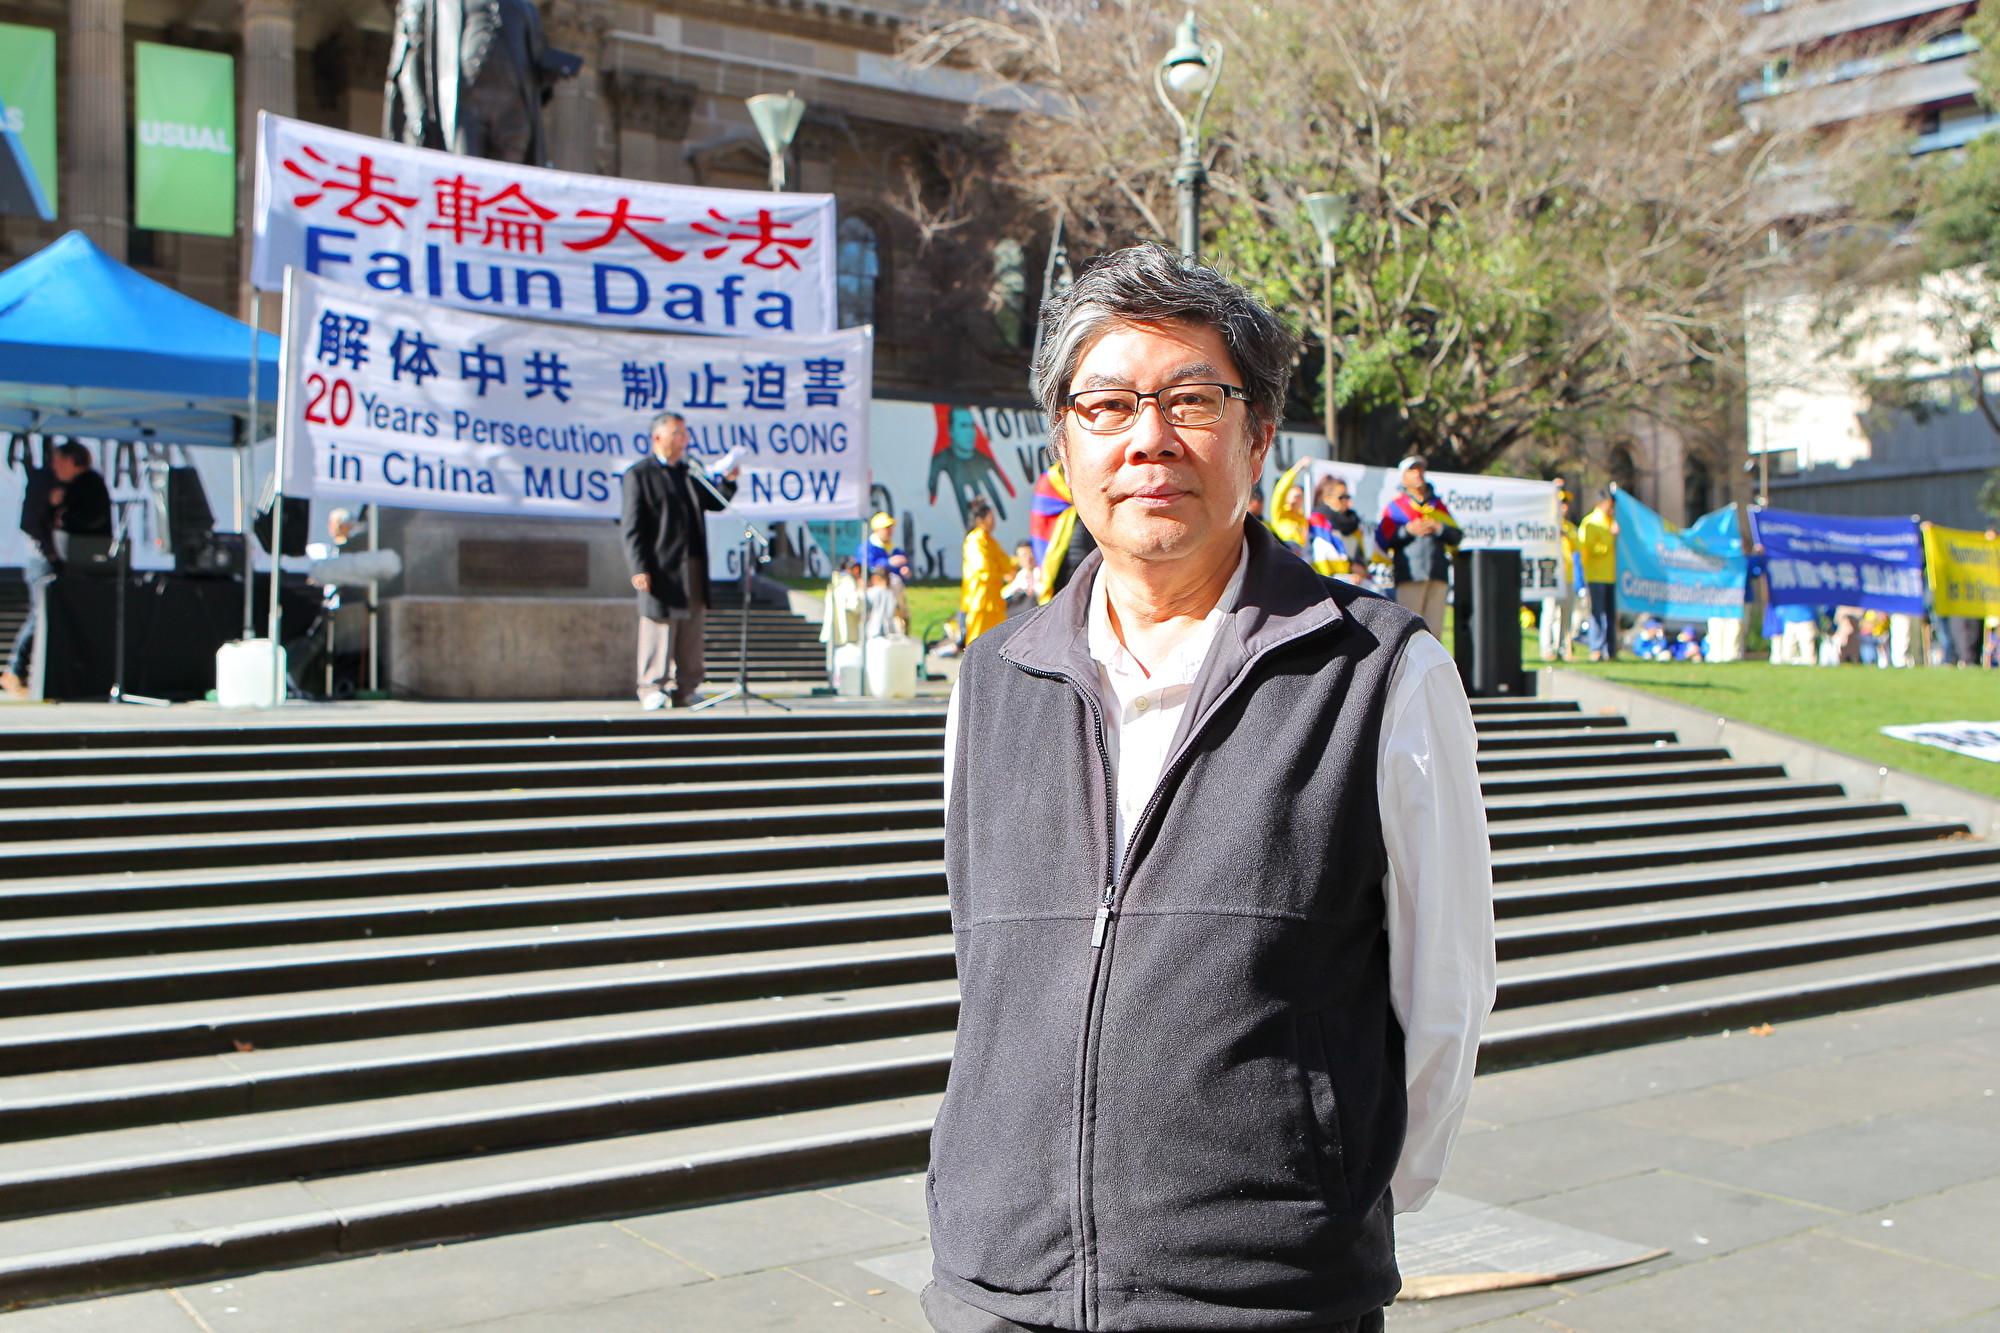 市民周明曾在香港生活了14年,他表示,「從很多方面看,法輪功團體是中華民族的希望。 」(陳明/大紀元)